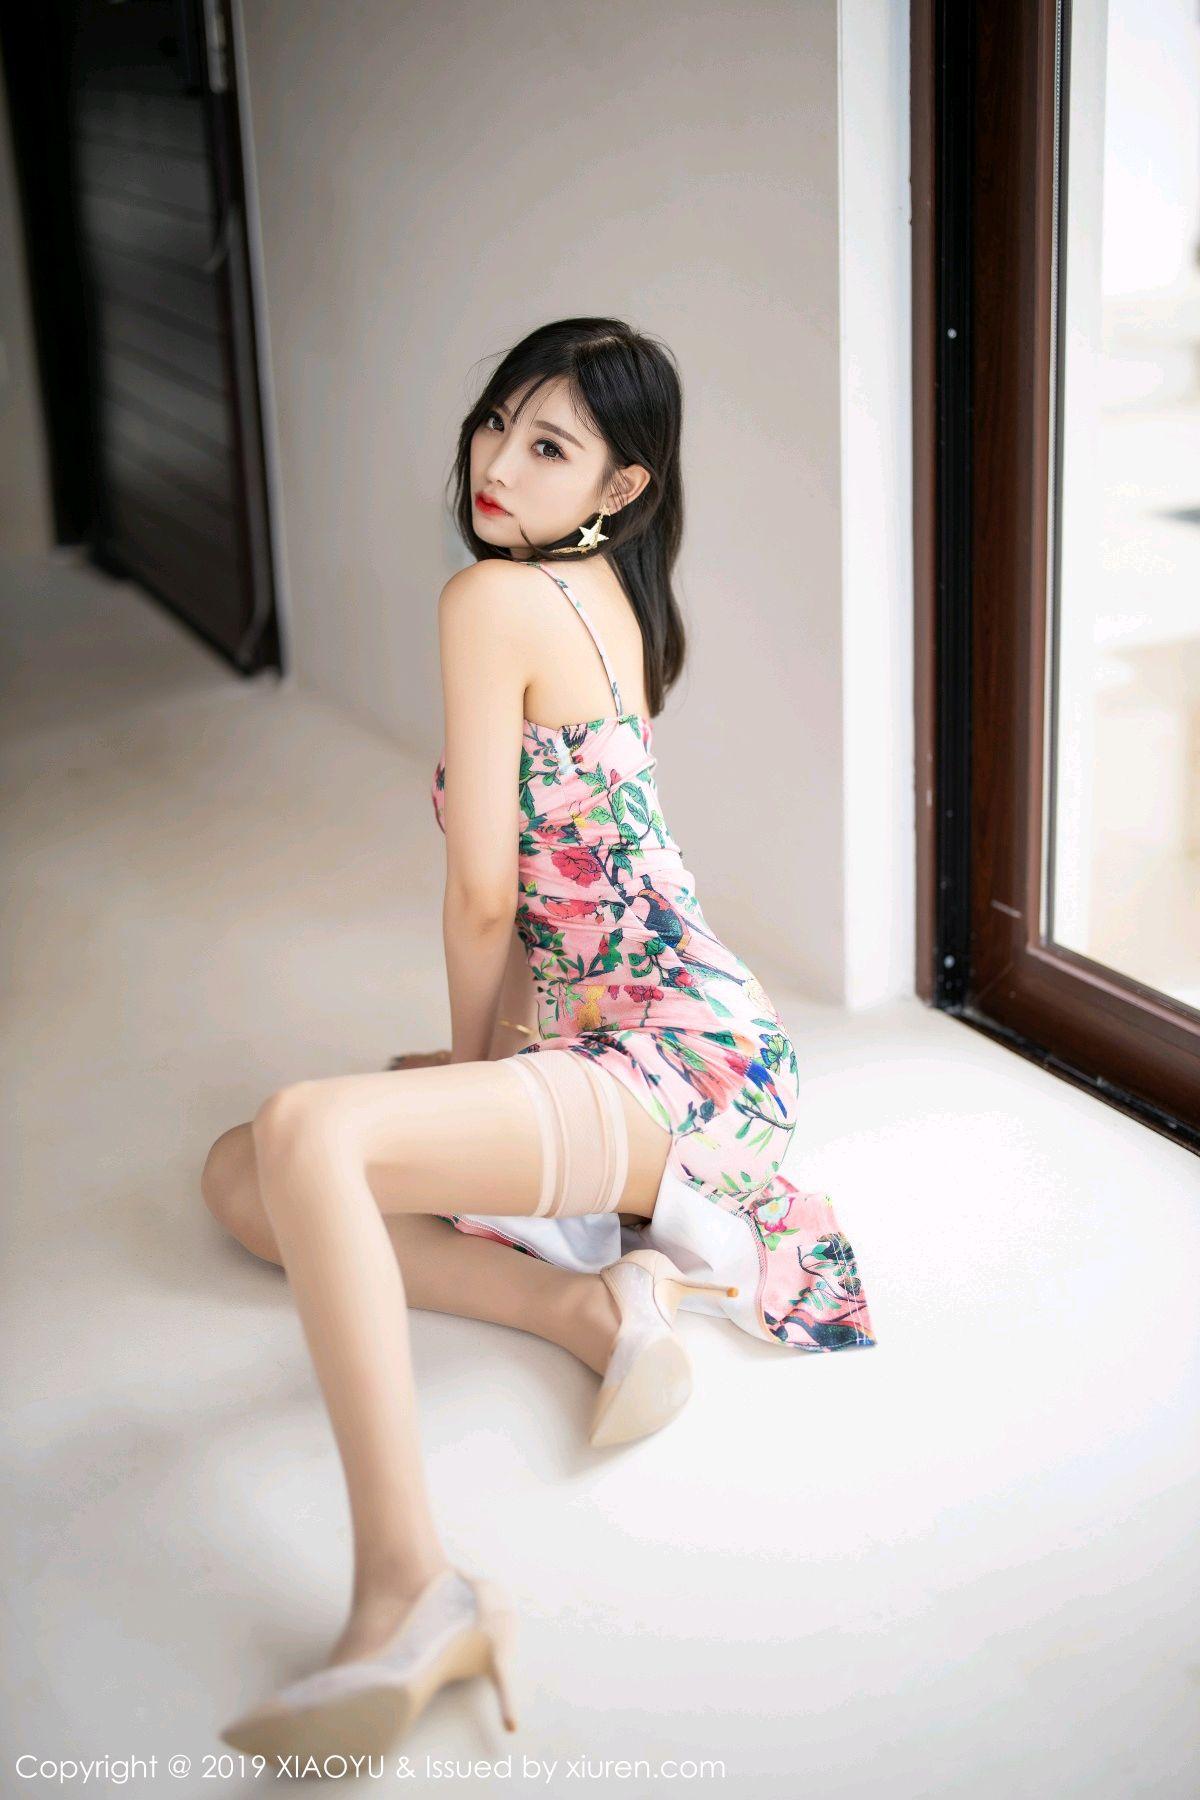 [XiaoYu] Vol.194 Yang Chen Chen 16P, Bikini, XiaoYu, Yang Chen Chen